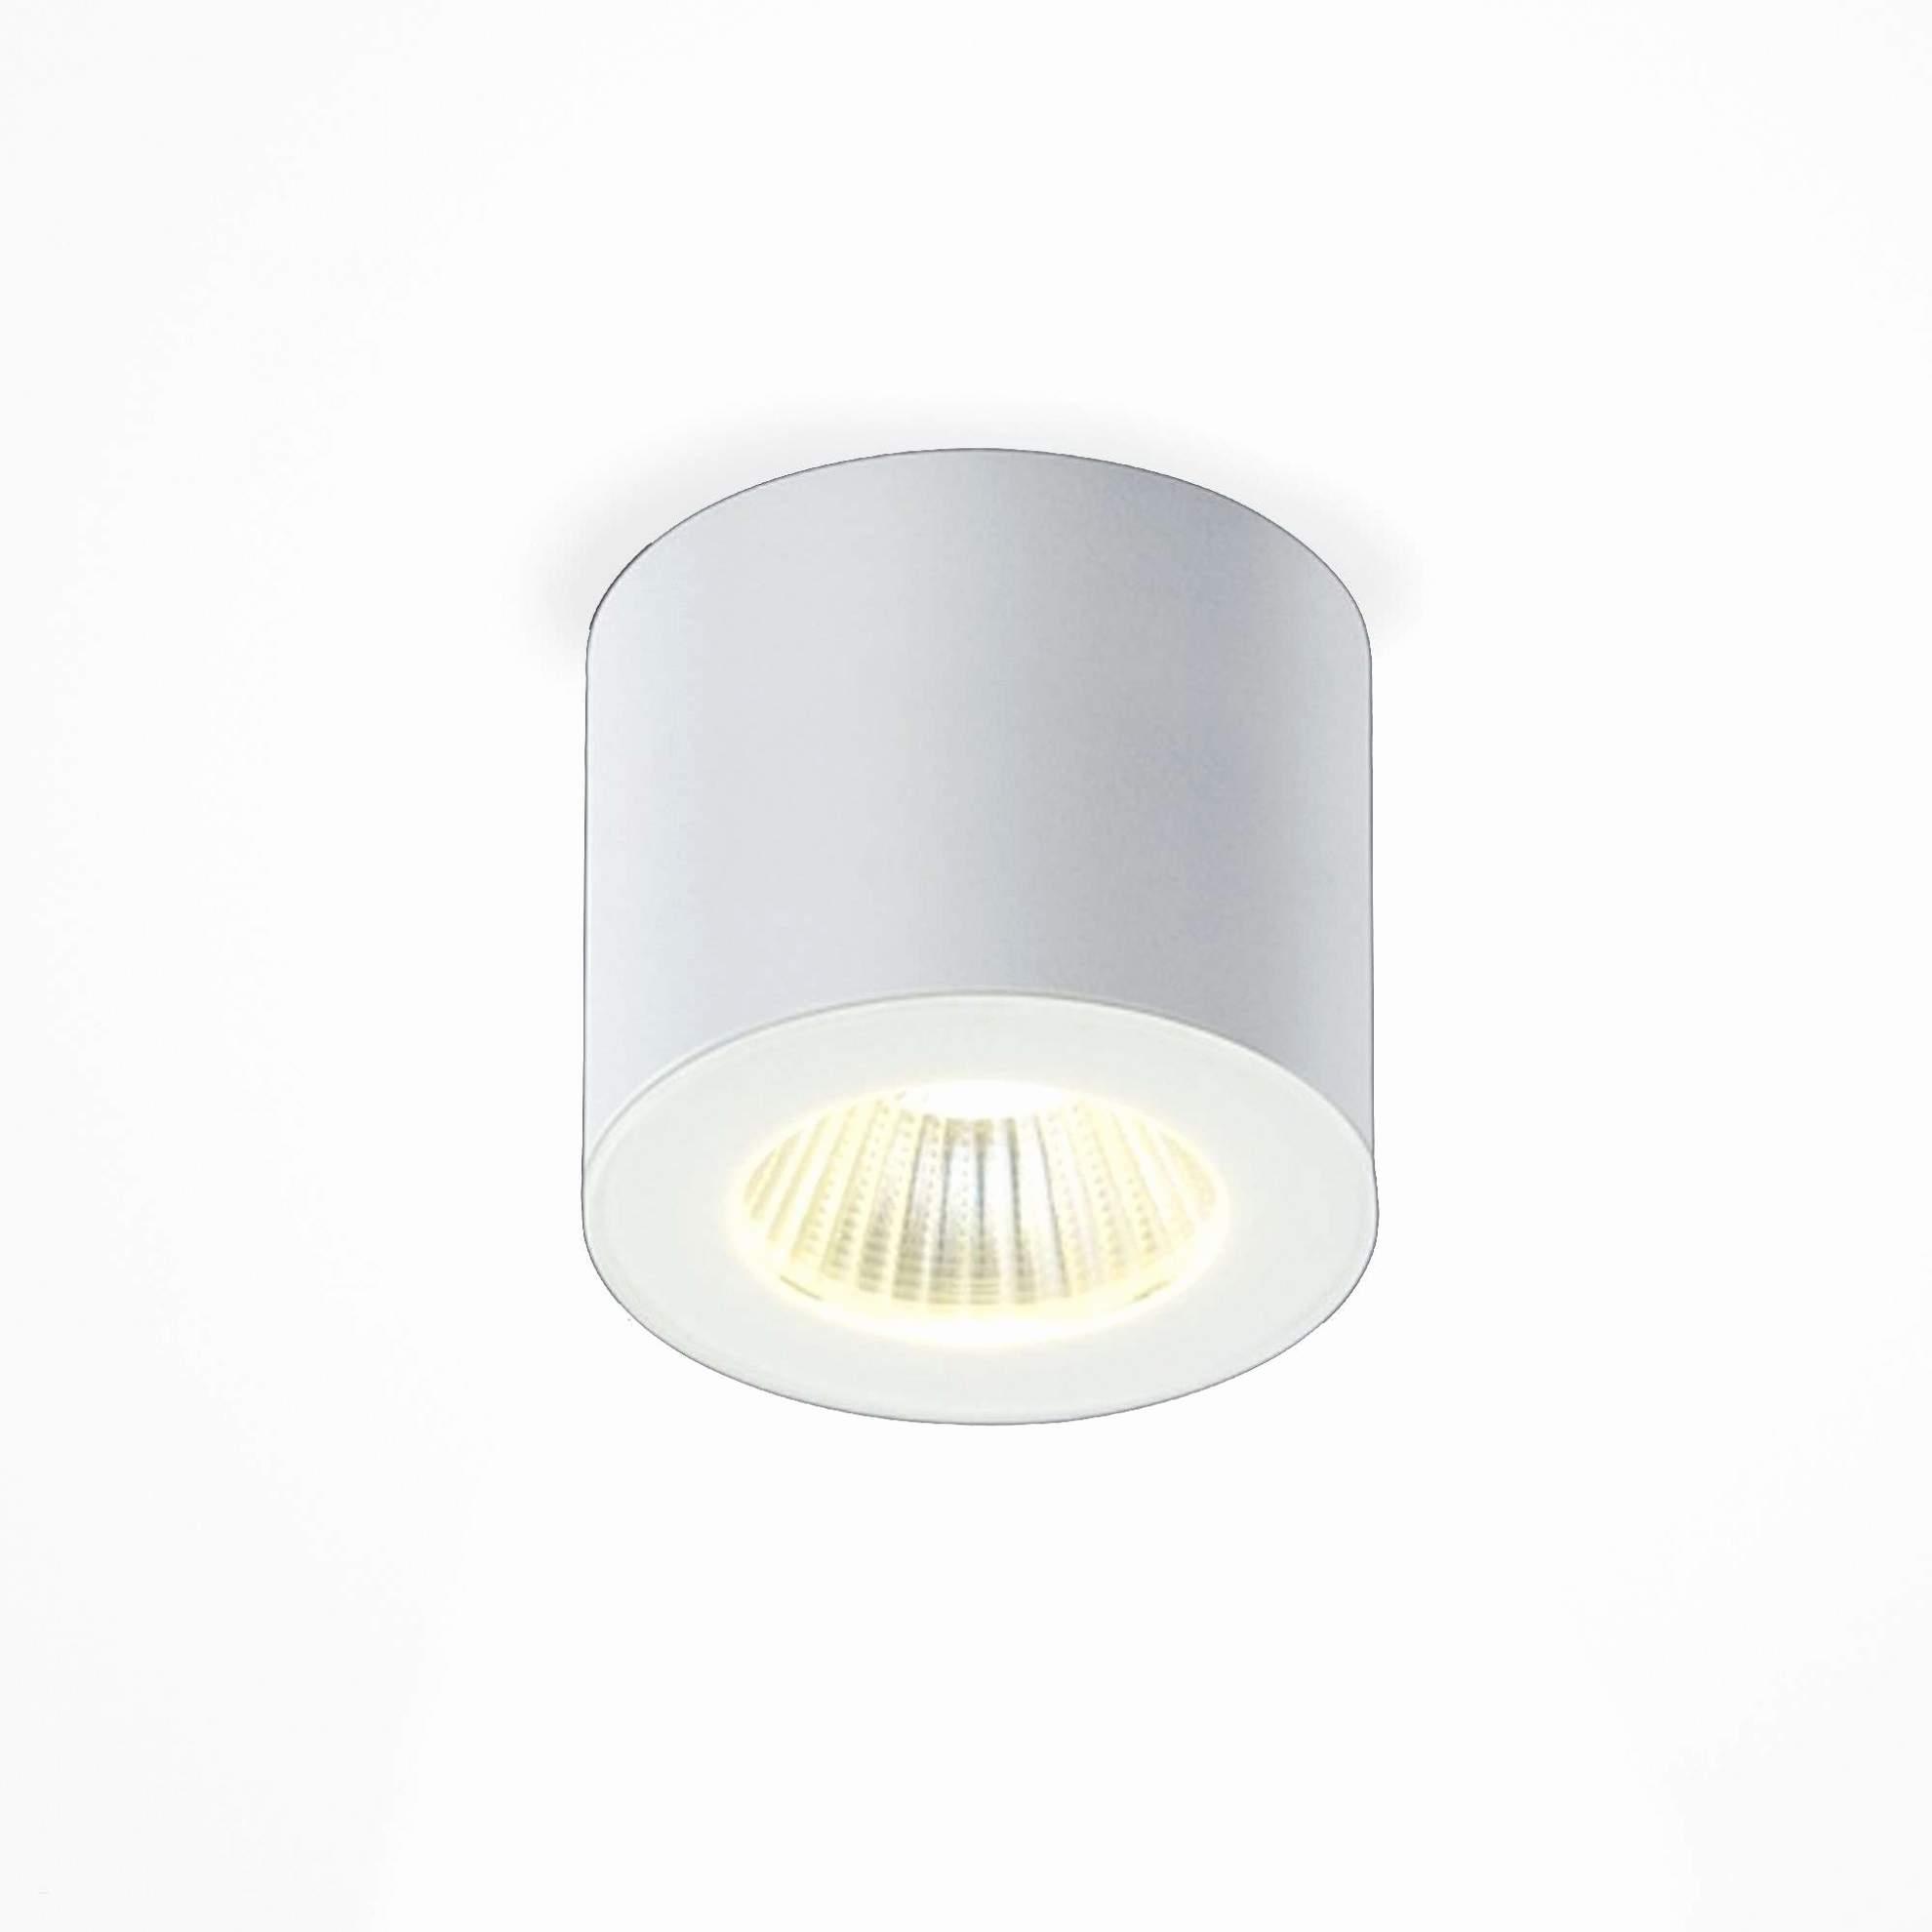 Full Size of Led Lampen Wohnzimmer Amazon Lampe Dimmbar Fernbedienung Wohnzimmerlampen Modern Moderne Mit Ikea Wohnzimmerleuchten Funktioniert Nicht Elegant 28 Bestes Wohnzimmer Led Wohnzimmerlampe